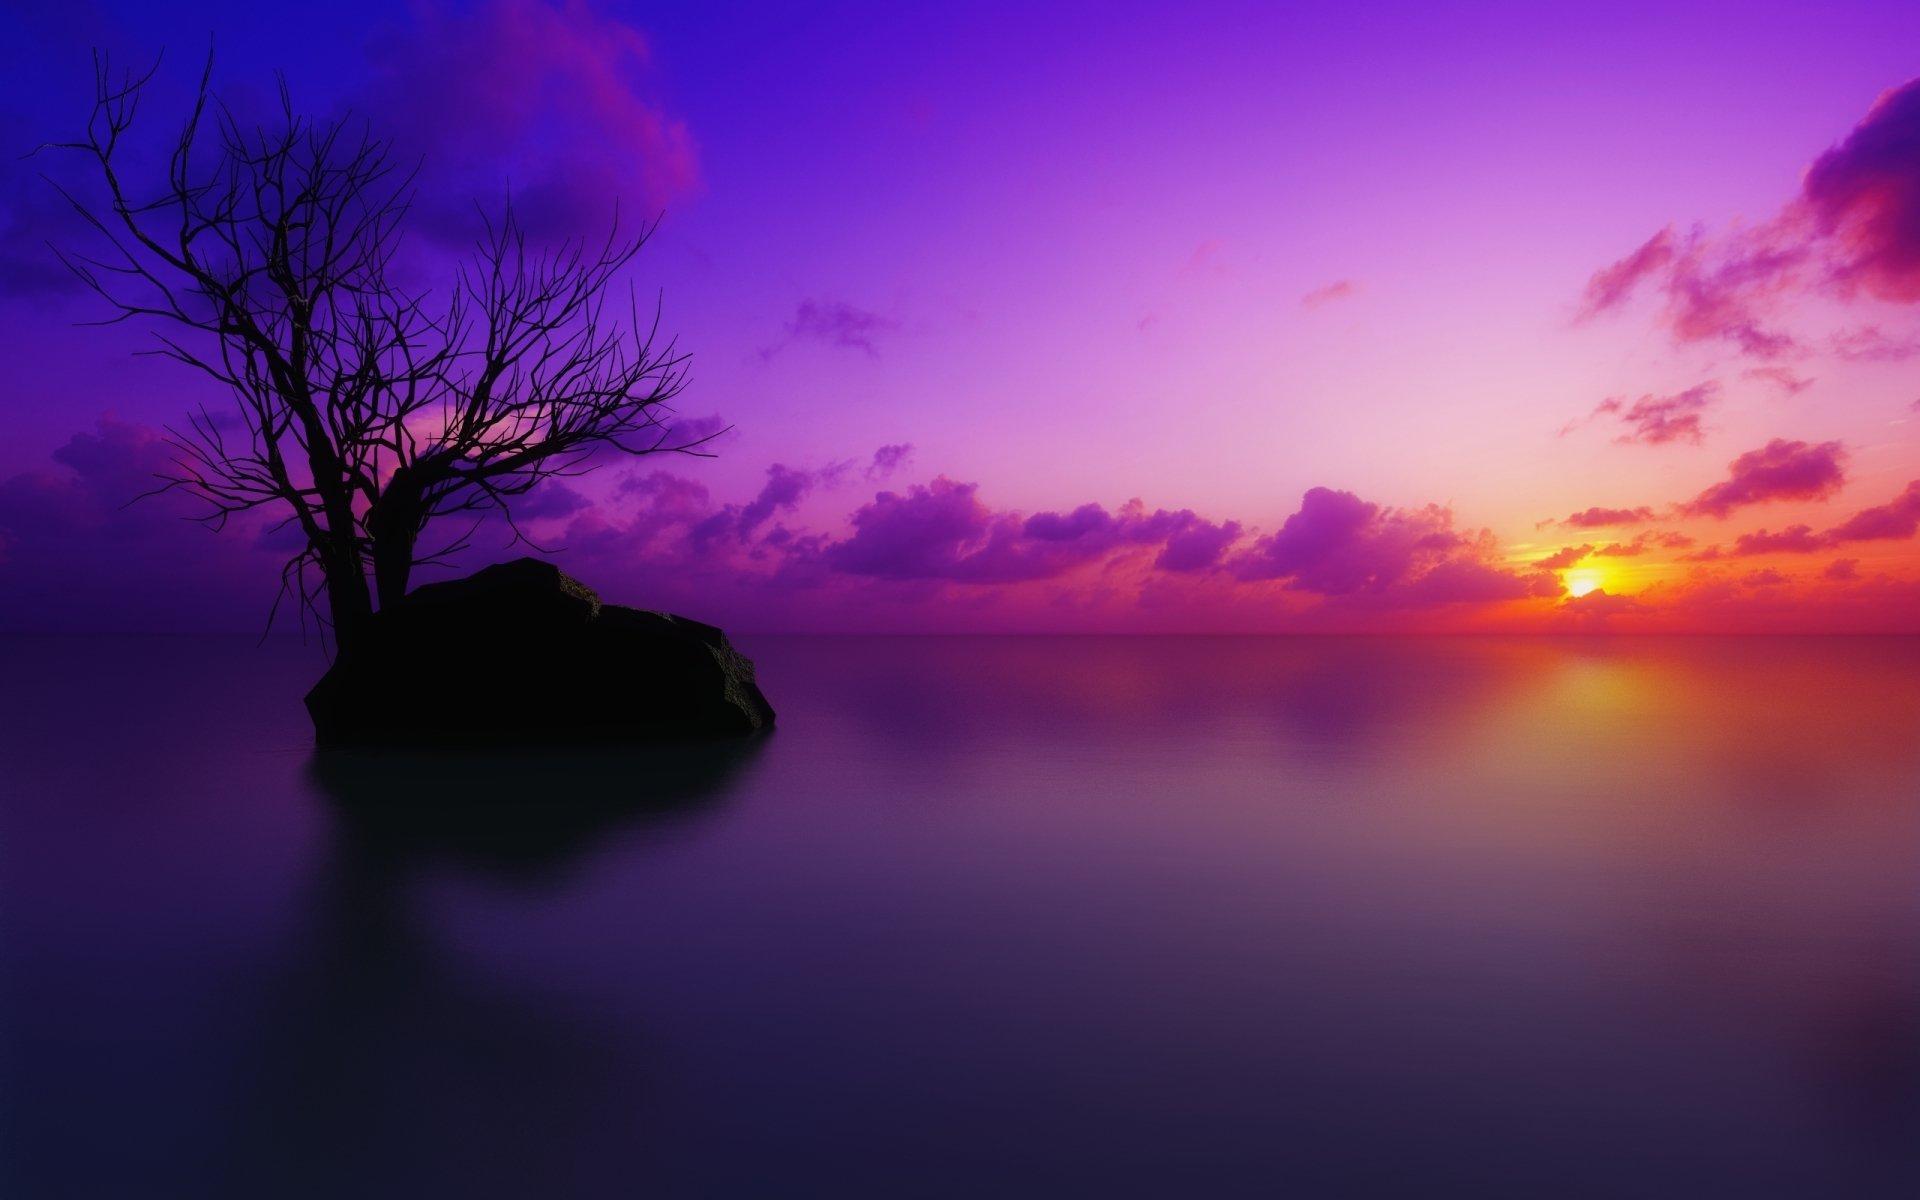 Tierra/Naturaleza - Pintoresco  Atardecer Océano Pastel Árbol Artístico Púrpura Nube Rock Fondo de Pantalla